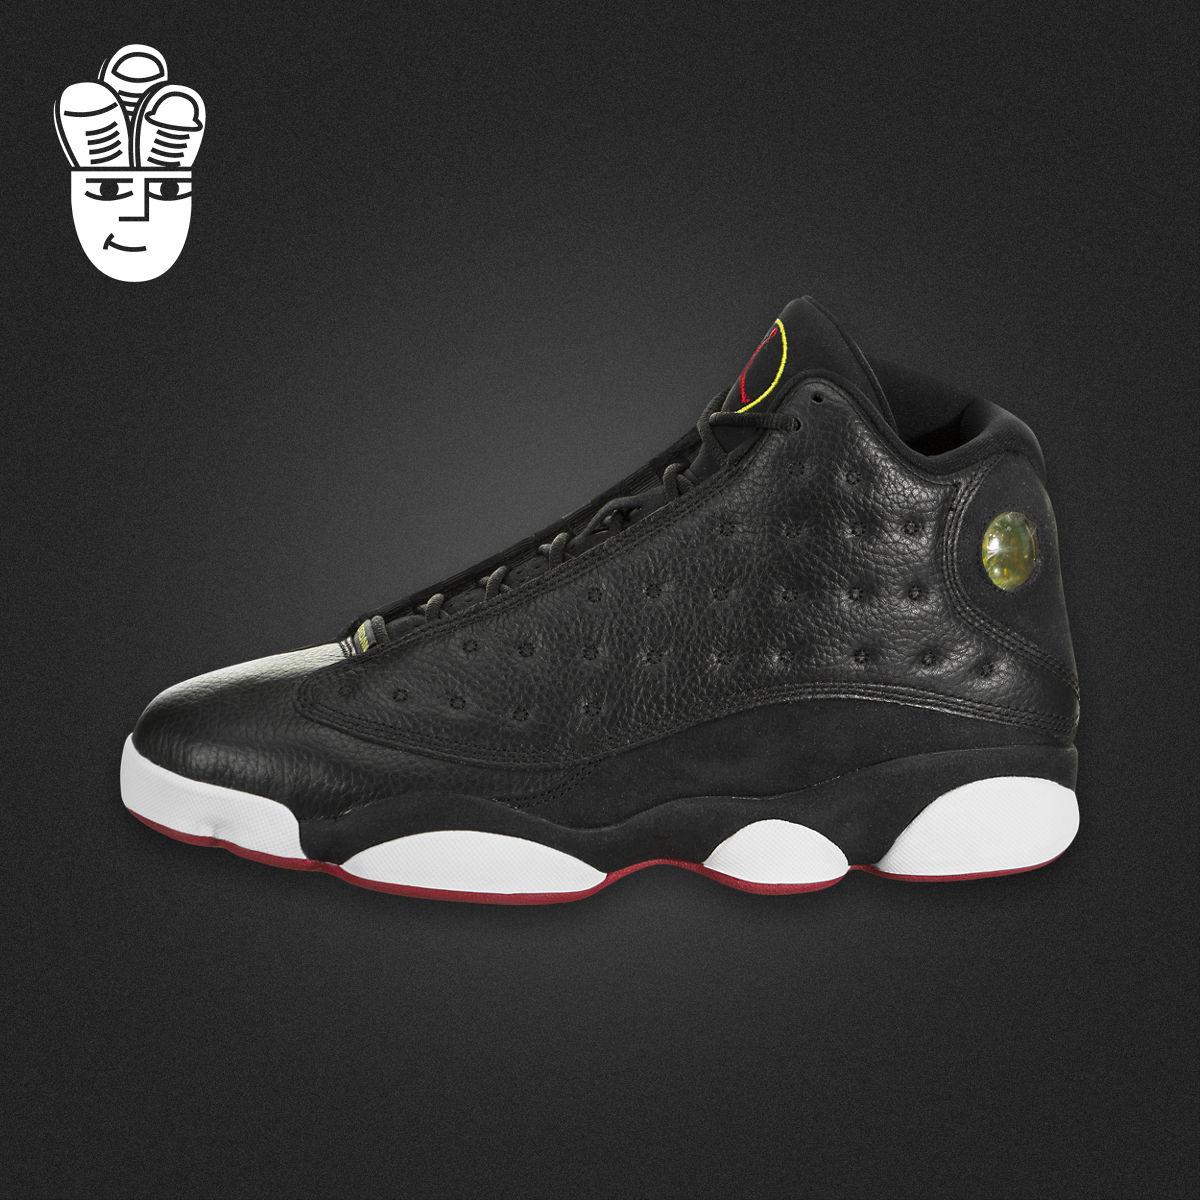 Air Jordan 13  AJ13 灰红限量男子高帮篮球鞋 休闲鞋414571-126